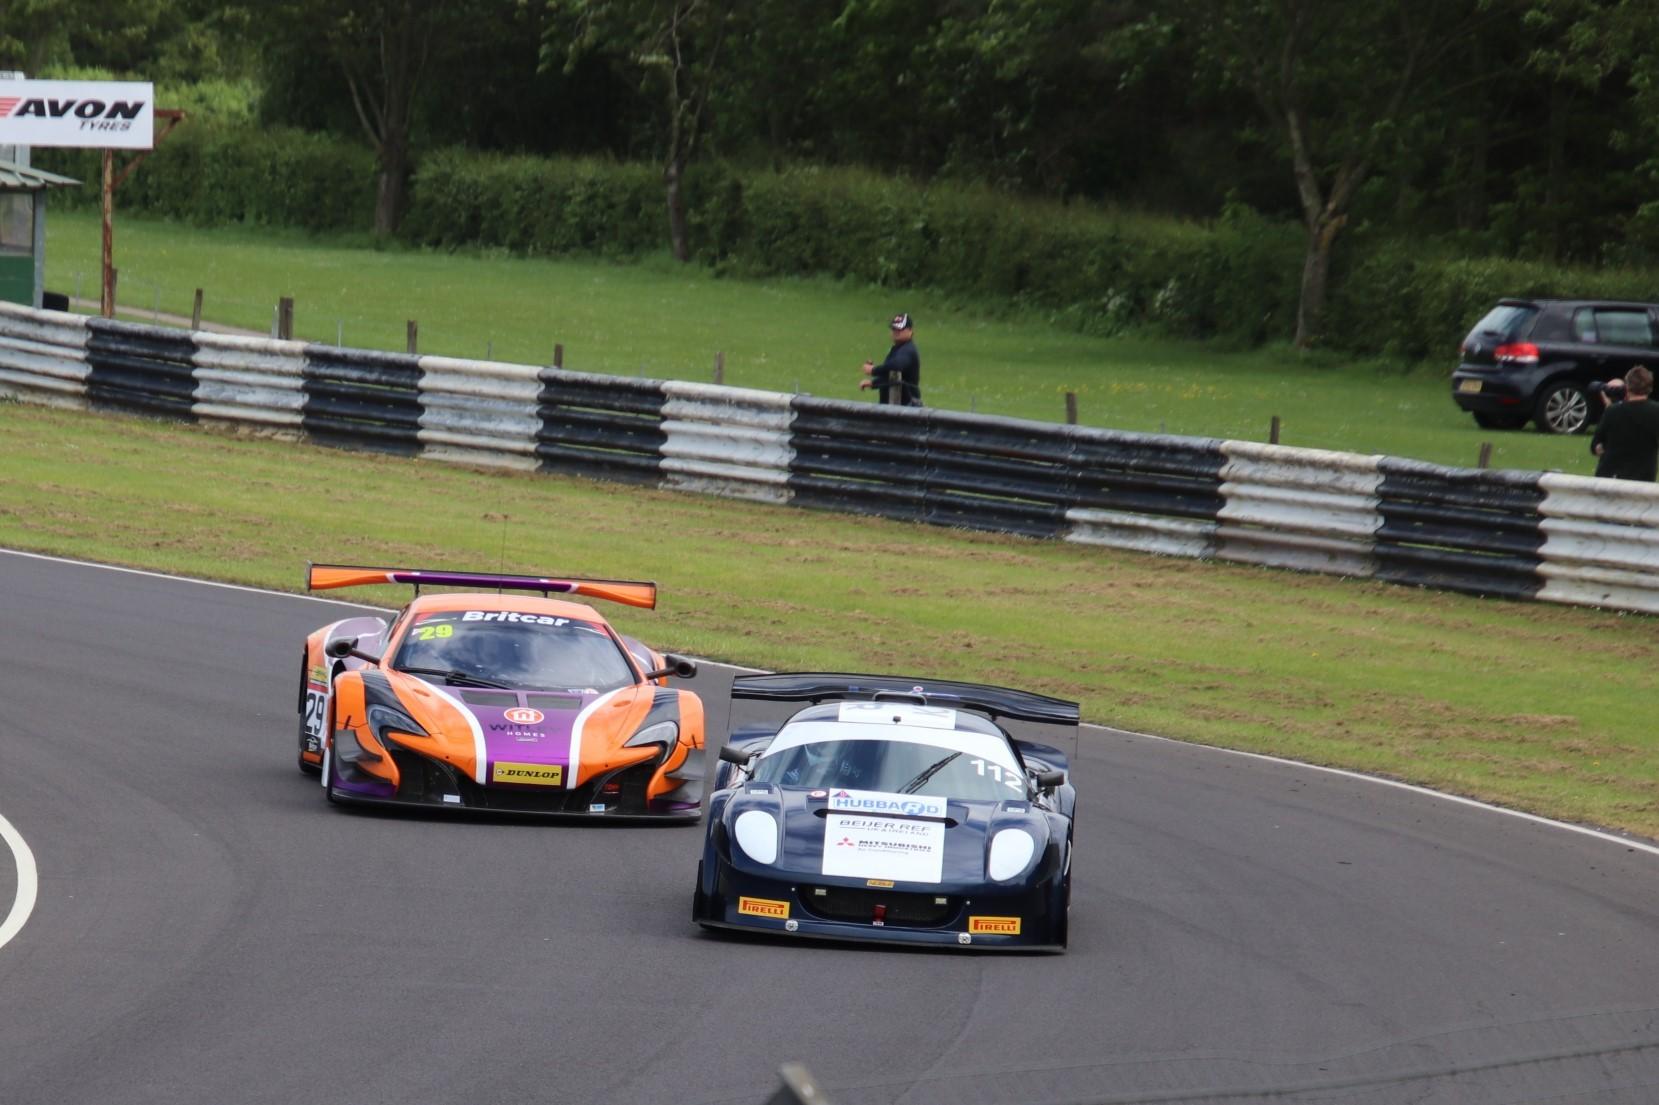 McLaren v Noble